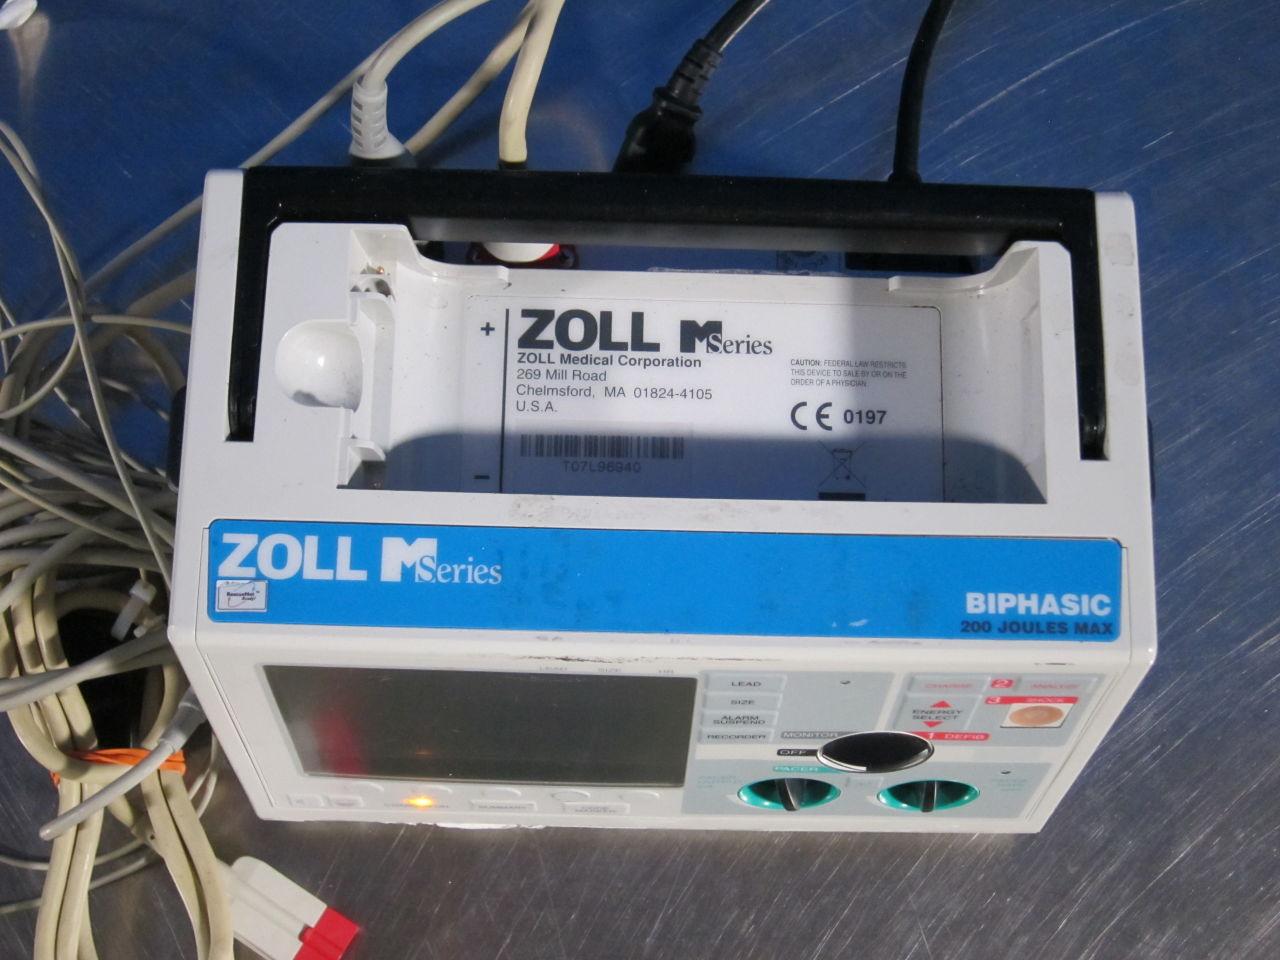 ZOLL M Series Biphasic Defibrillator